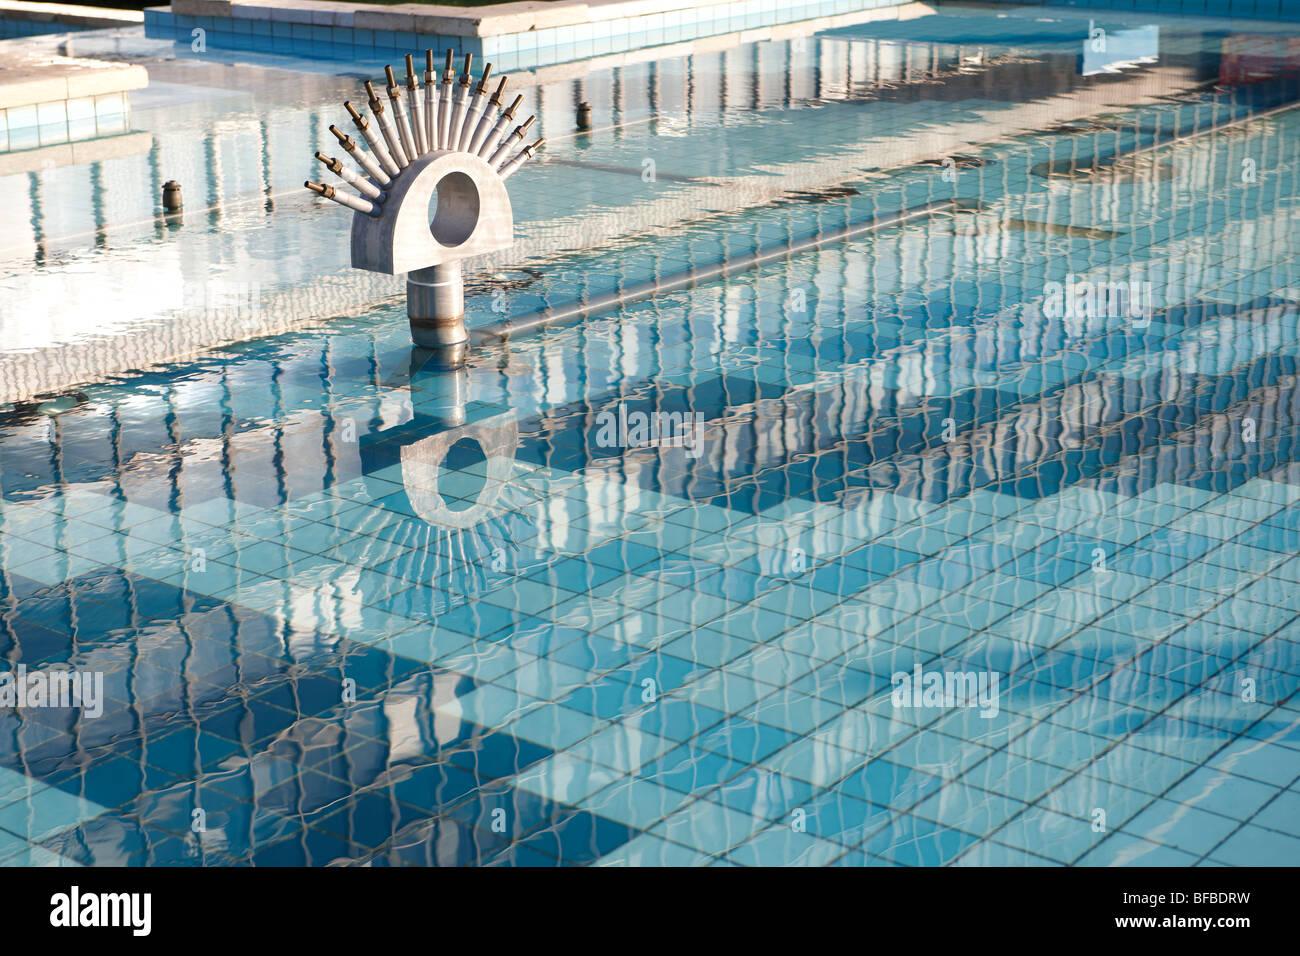 Städtischen Texturen - Spiegelungen im Wasser mit blauen Kacheln Stockbild